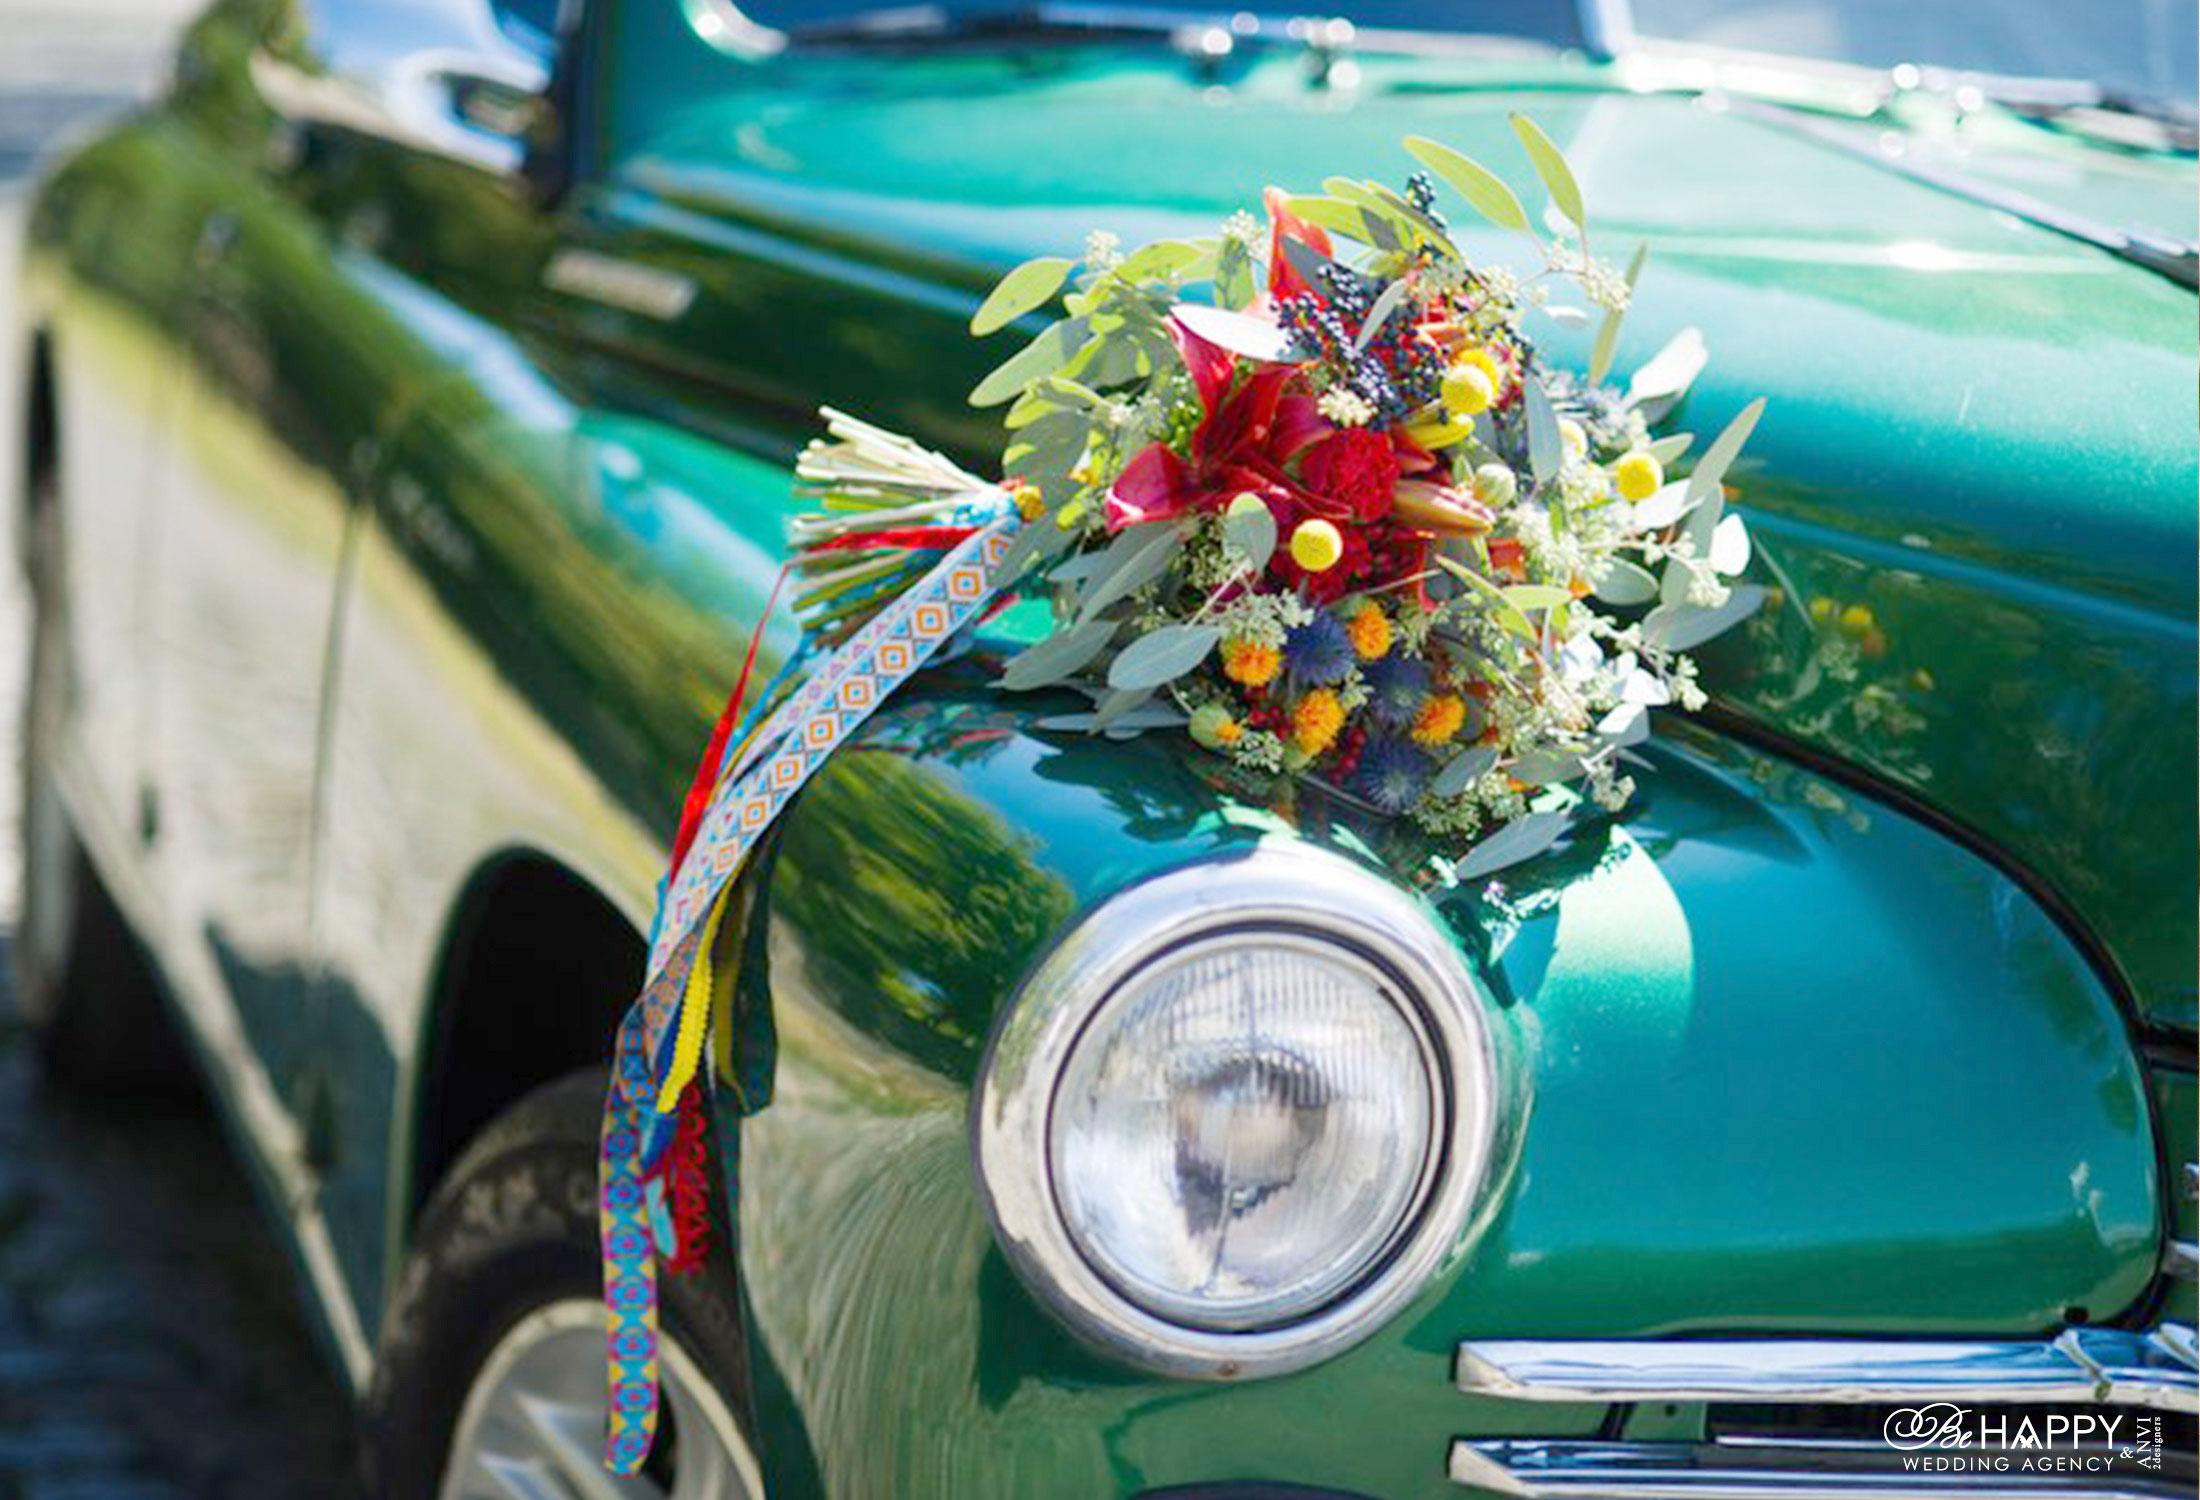 Украшение свадебного автомобиля цветочной композицией Би Хеппи Николаев